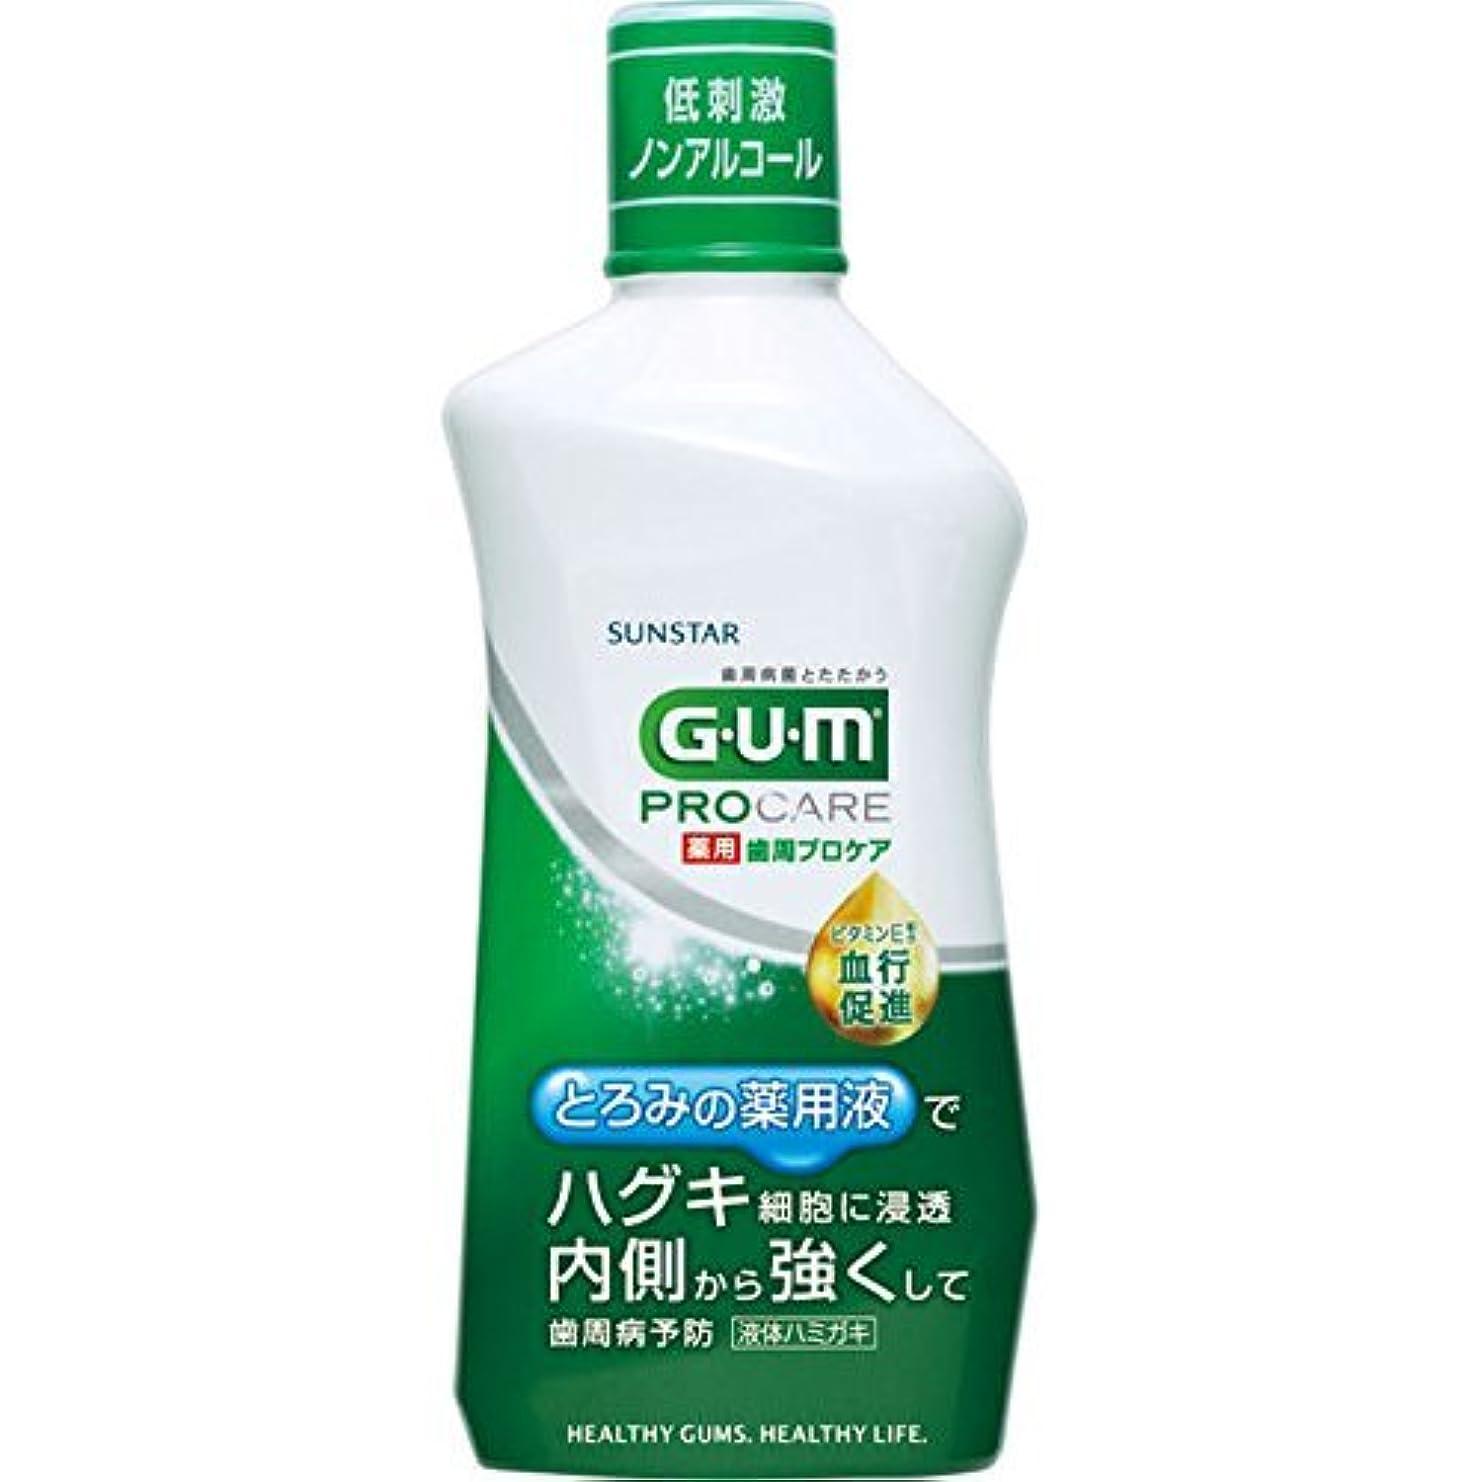 変数一方、信じる[医薬部外品] GUM(ガム) 歯周プロケア デンタルリンス 420ml 液体歯みがき <歯周病予防?ハグキケア>